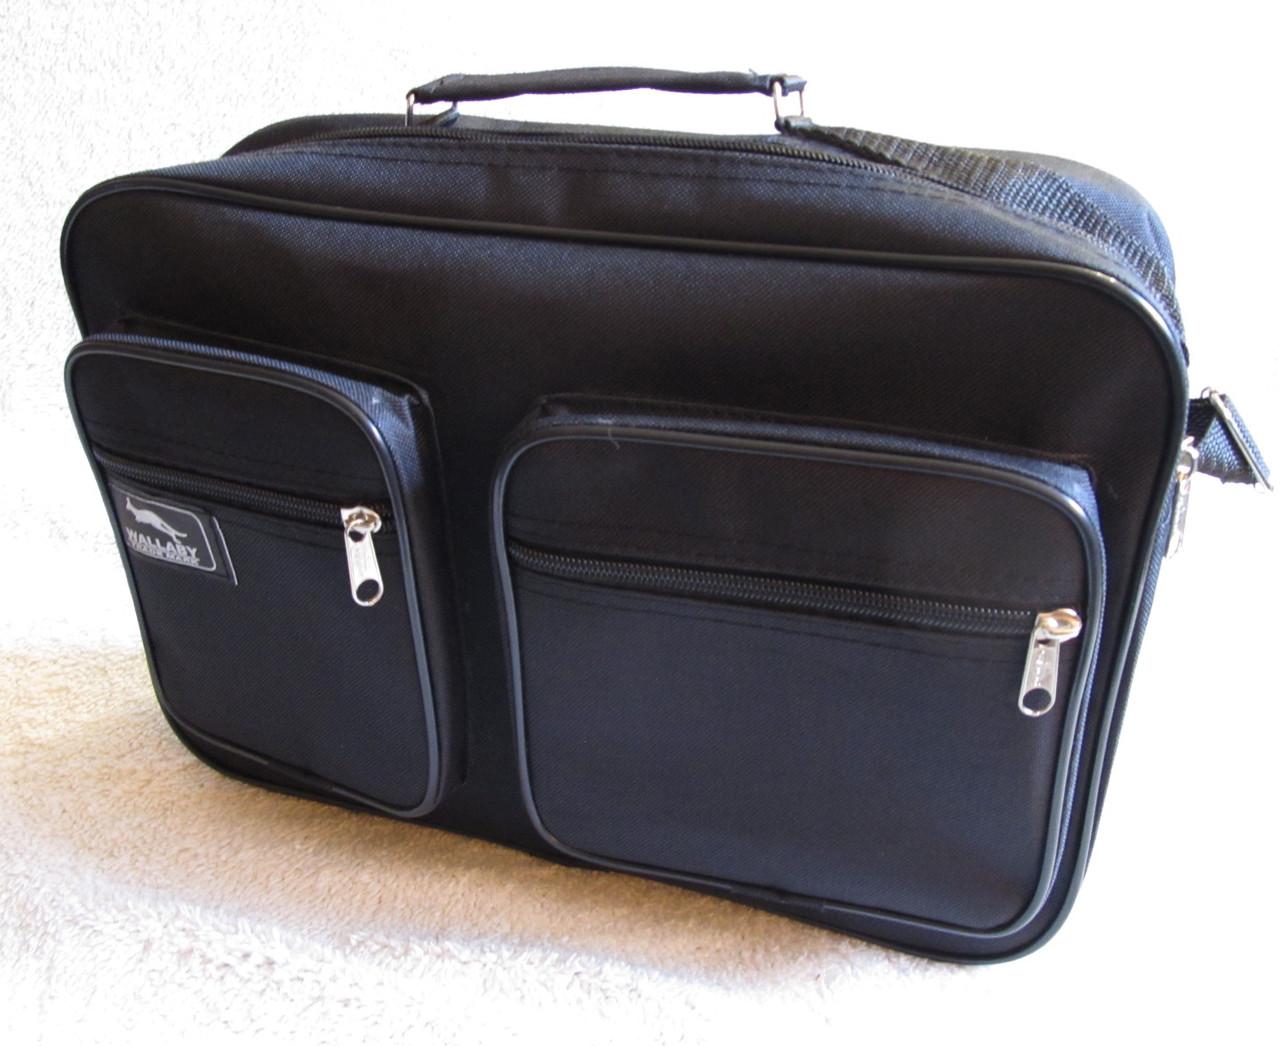 Мужская сумка через плечо дешевая, но качественная папка портфель А4 в2621 черная 35х24х10см